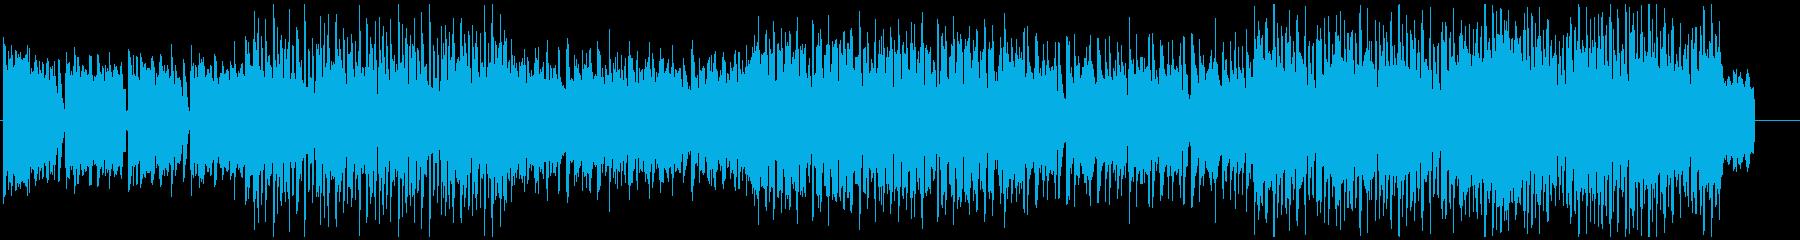 ハイテンションデジロックBGMの再生済みの波形